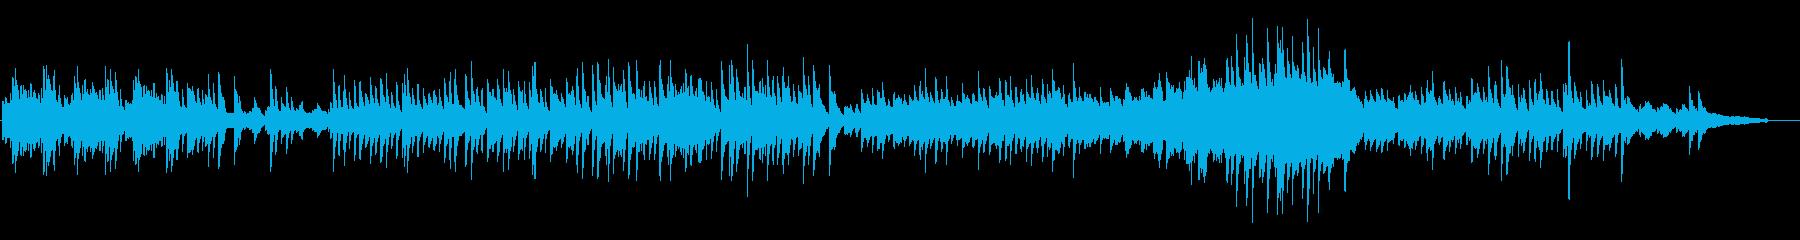 旋律が印象的なピアノソロの再生済みの波形